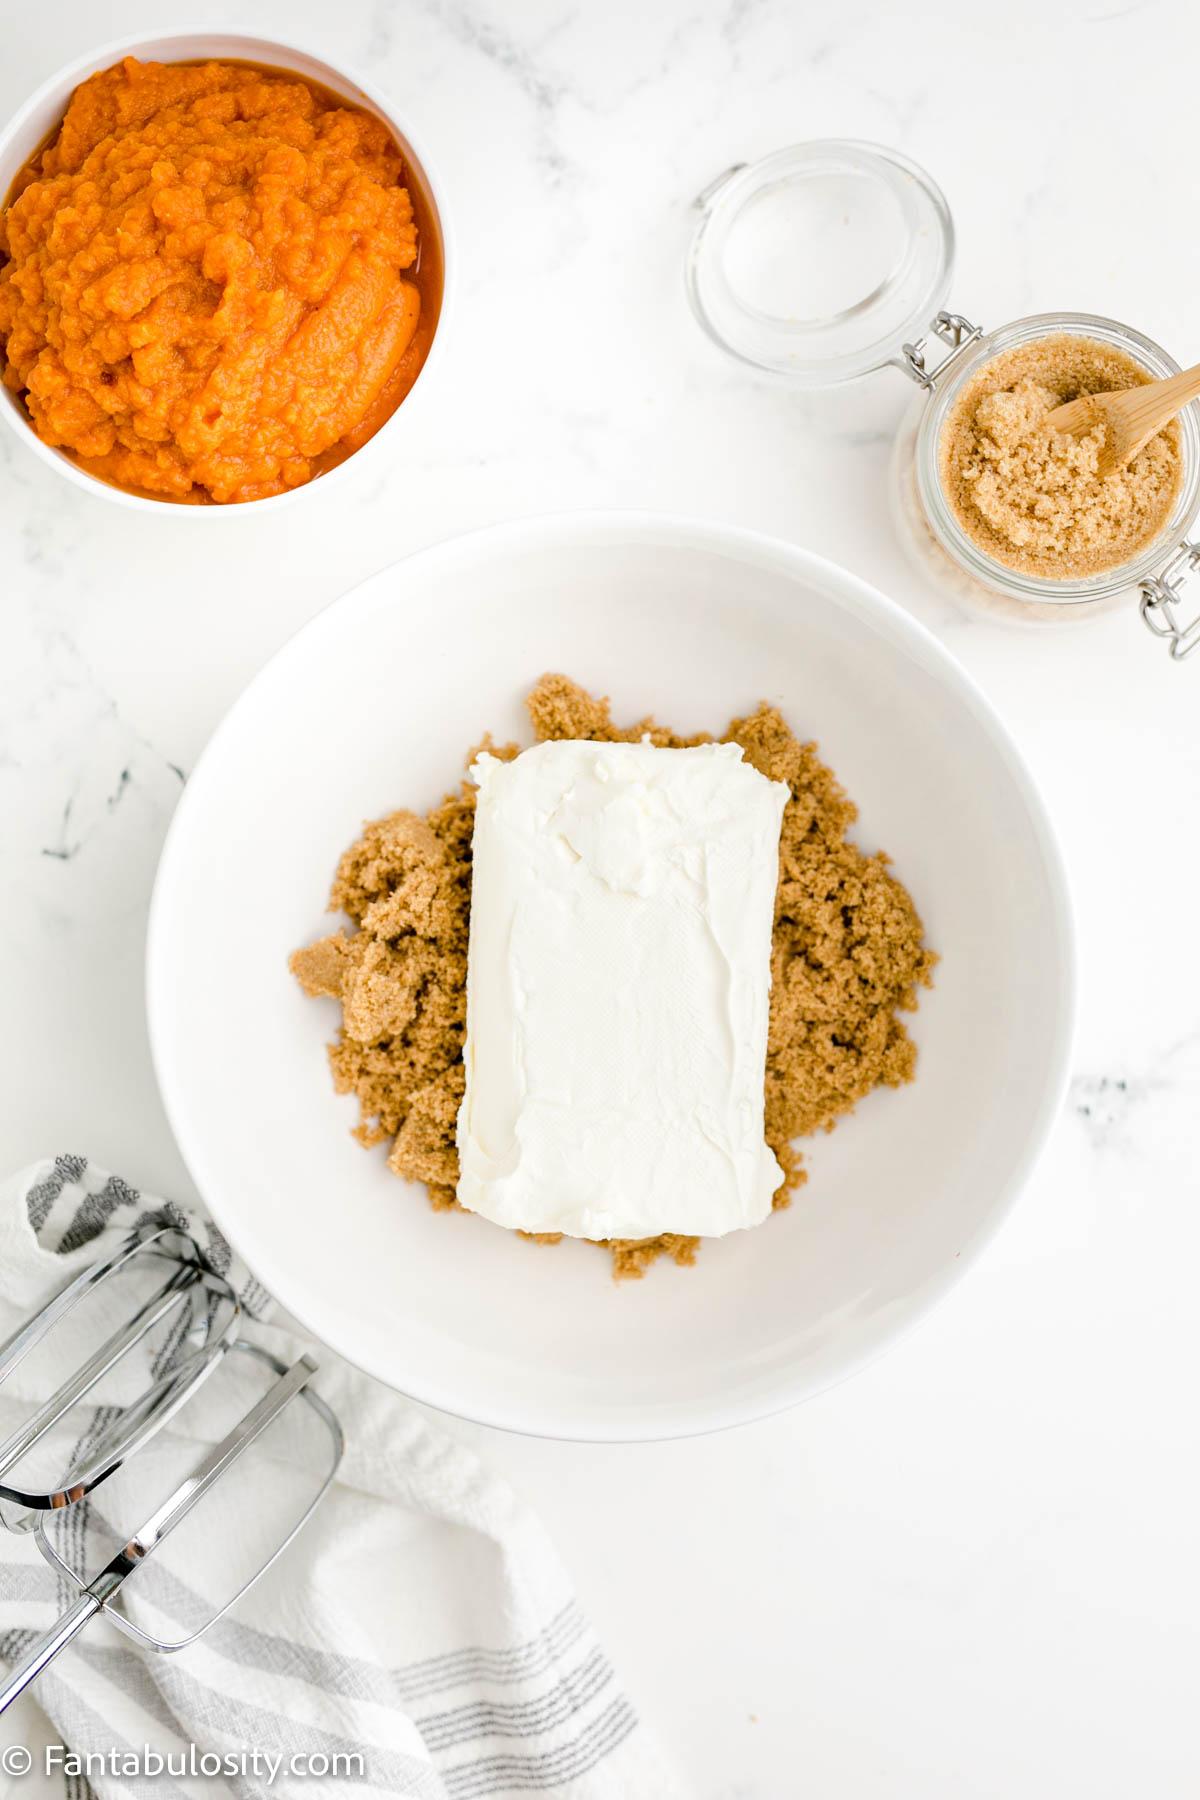 Mix cream cheese and brown sugar for pumpkin fluff dip